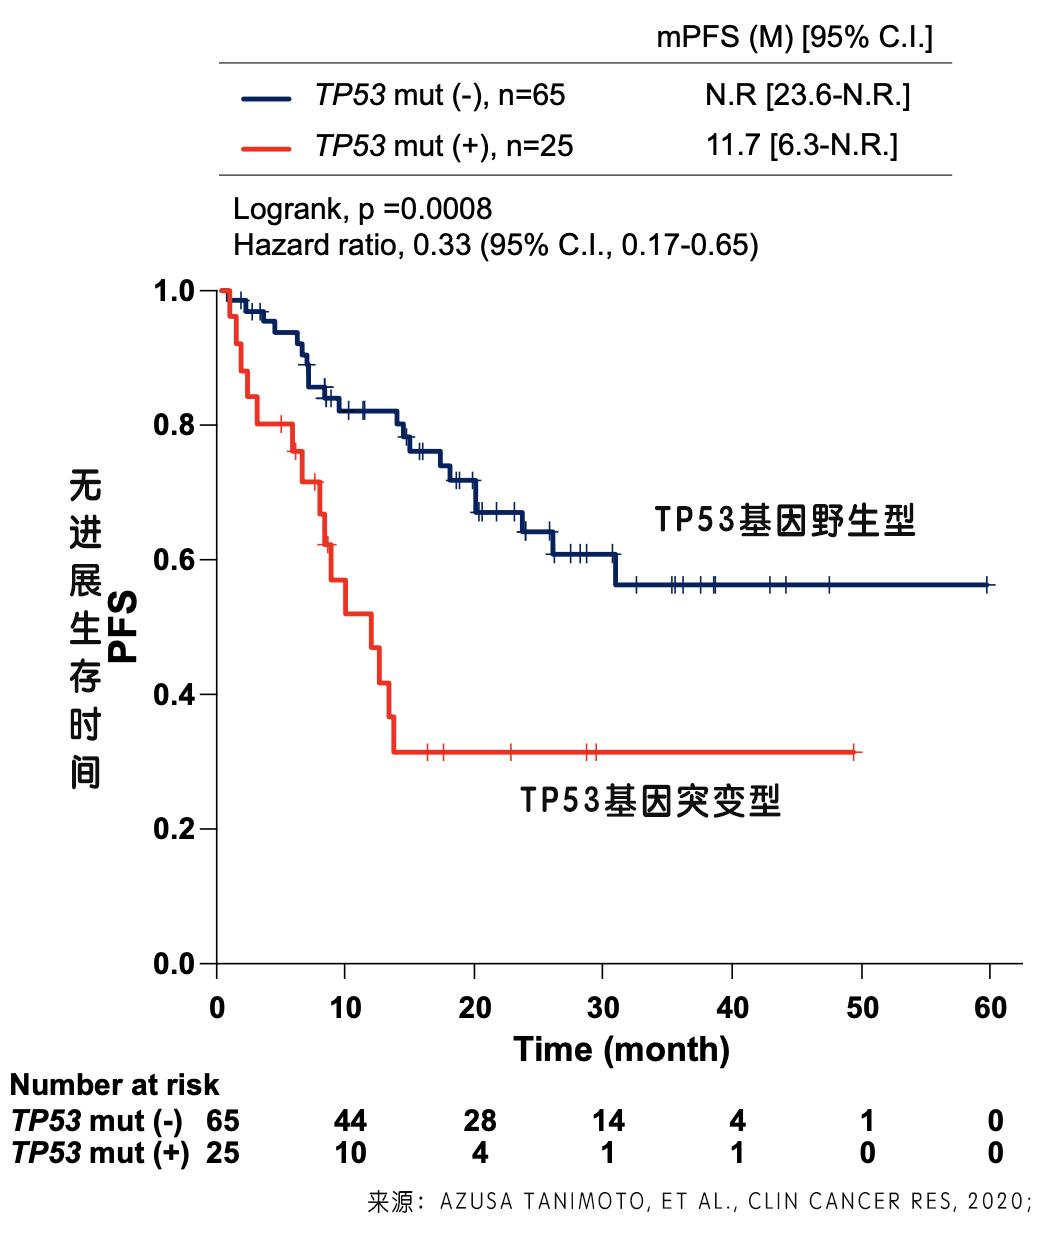 依沙佐米神助攻,提升ALK/TP53突变患者疗效